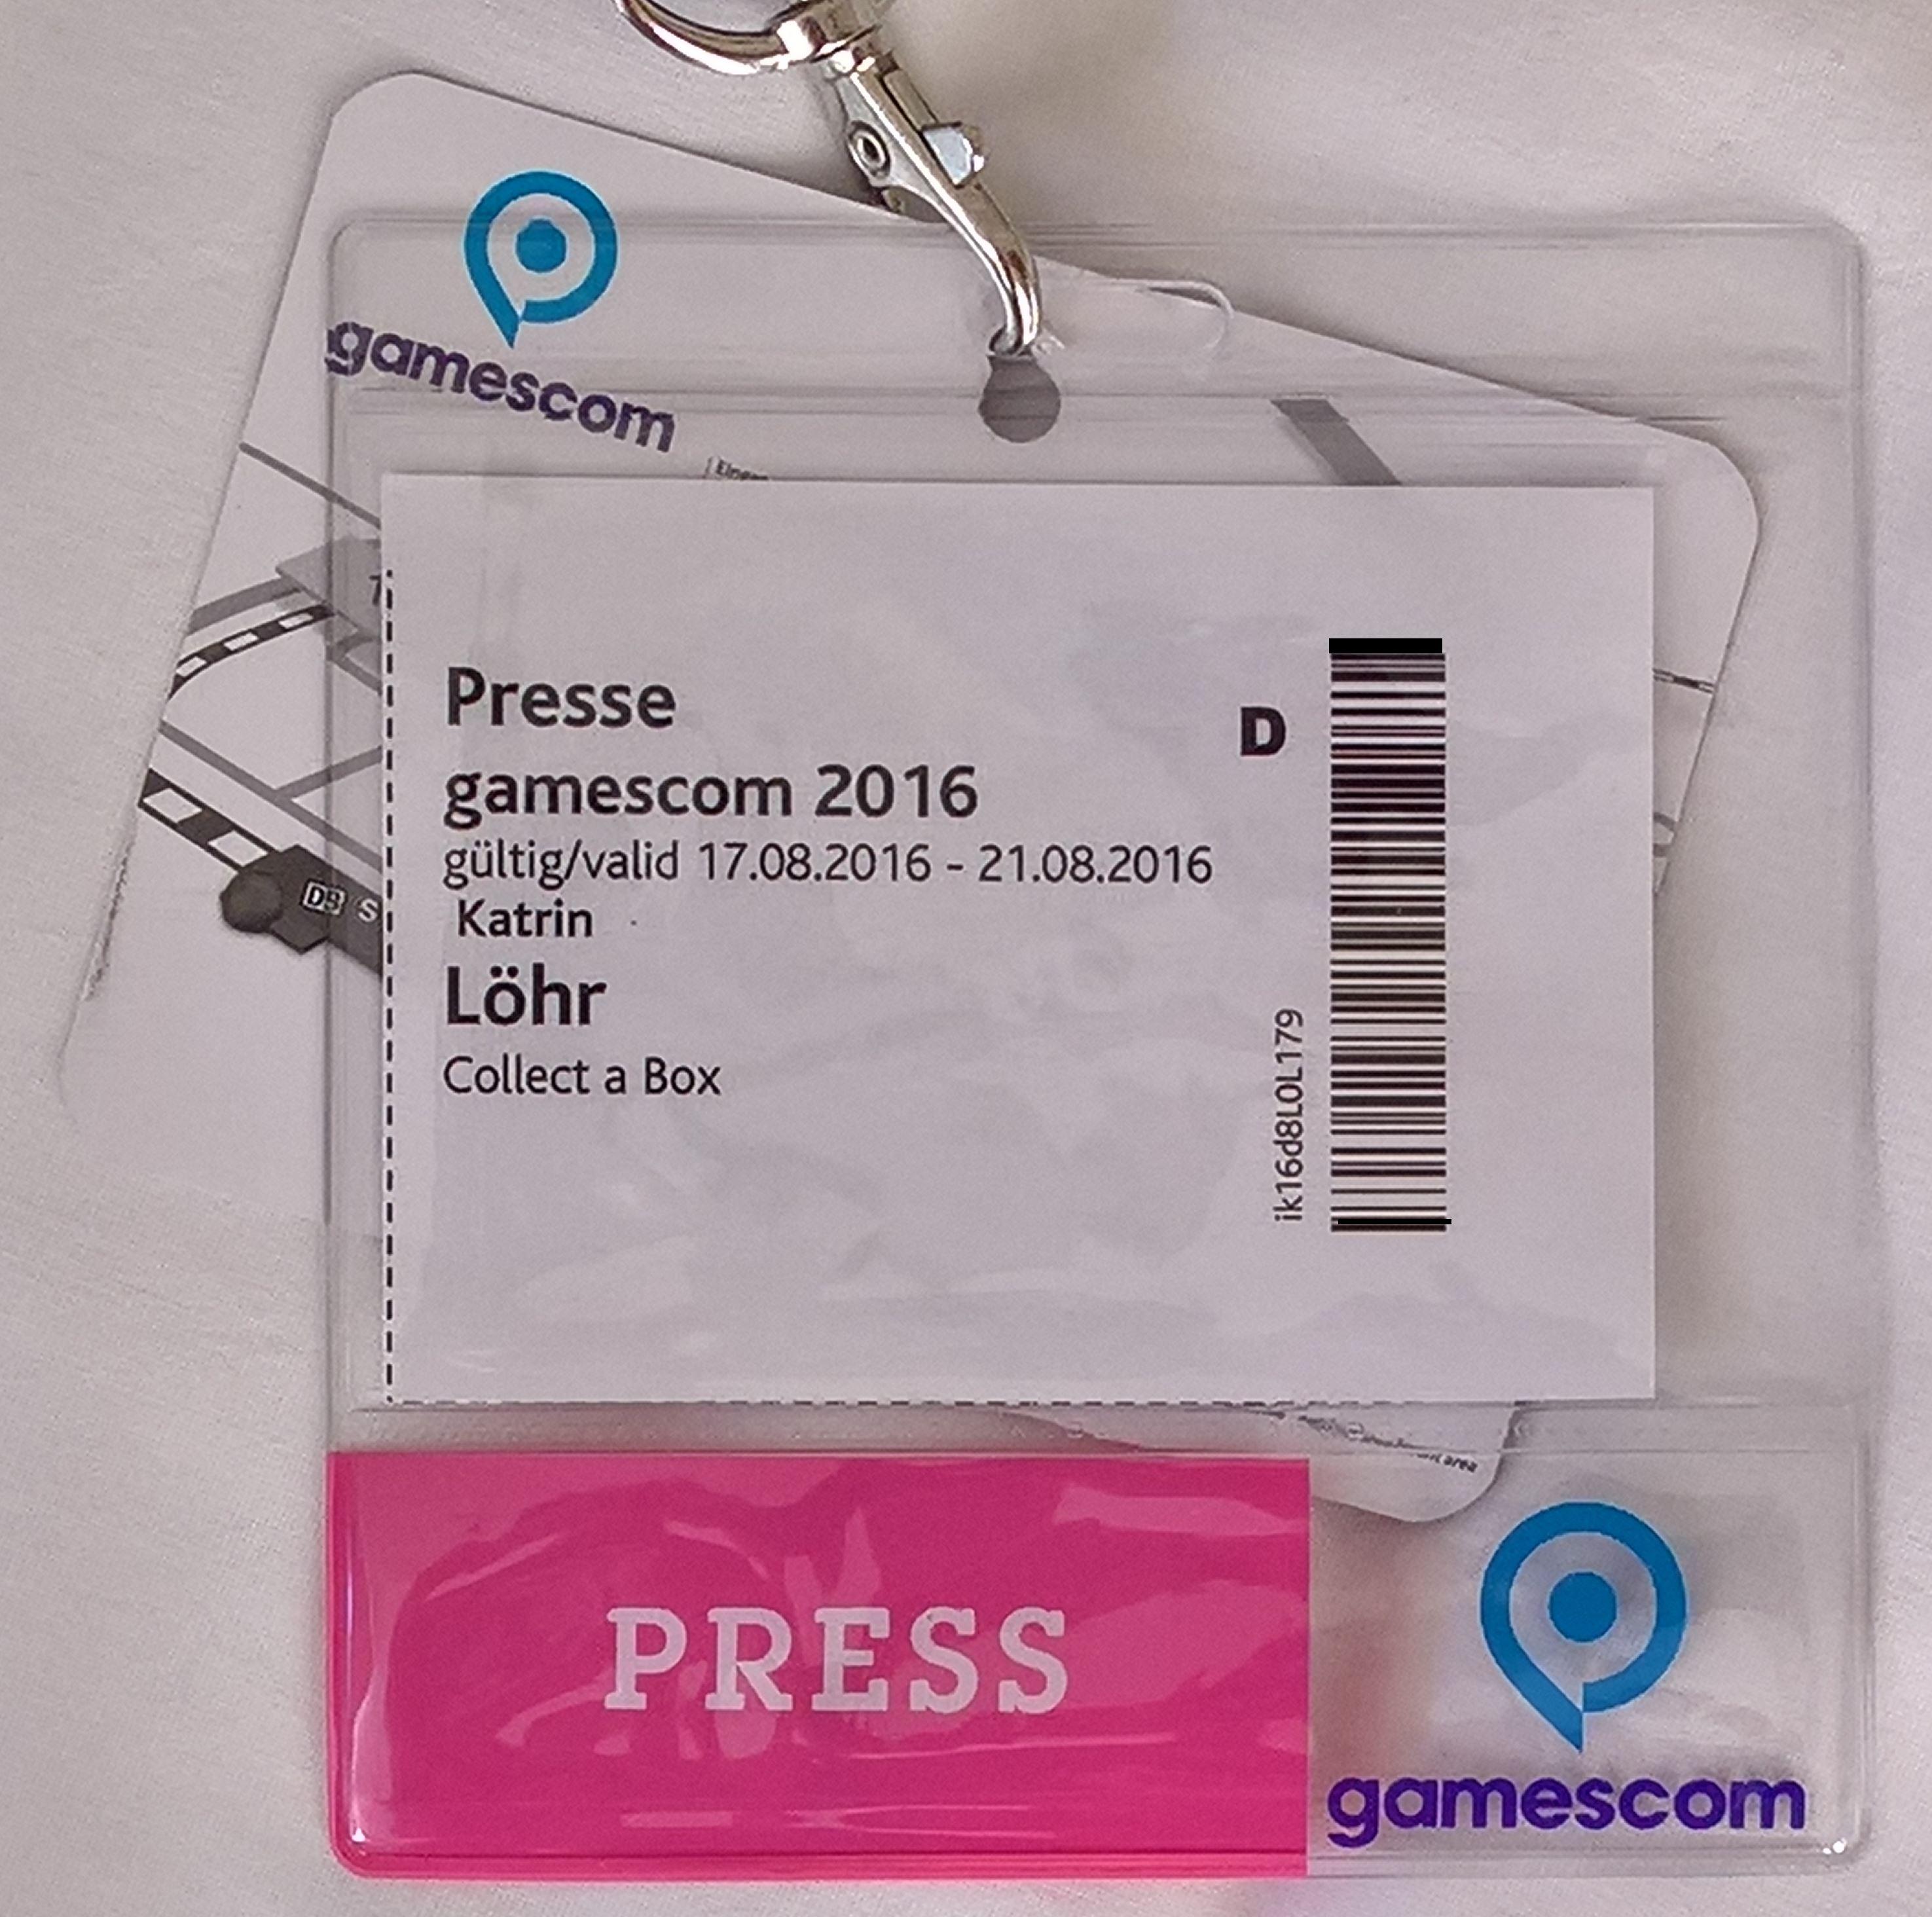 Lanyard Gamescom 2016